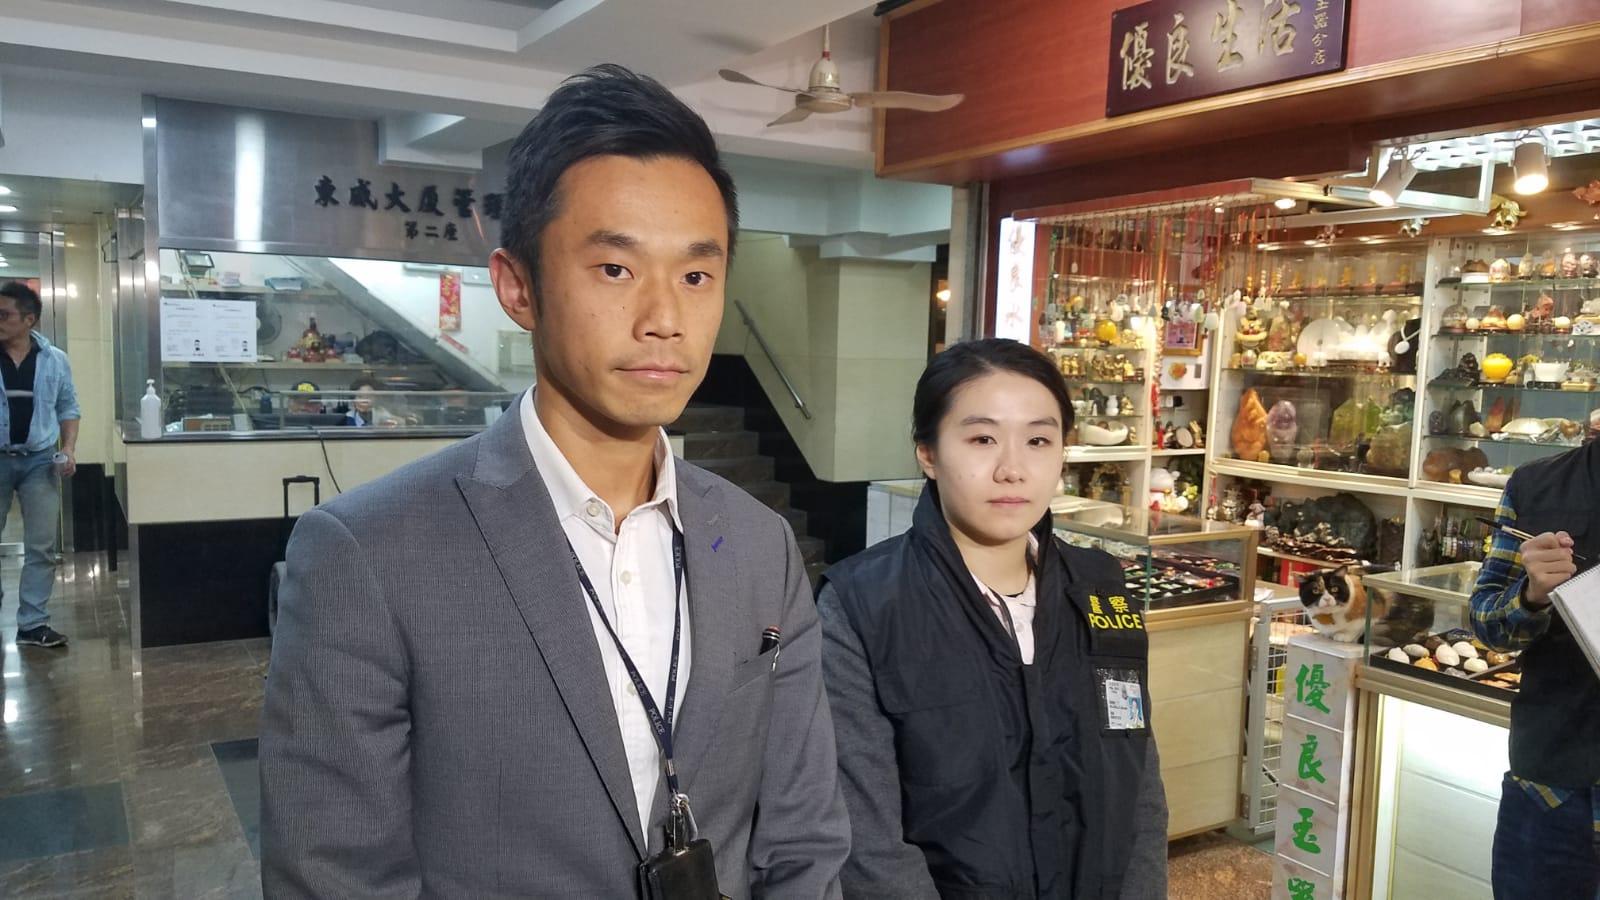 东区警区总督察陈杰峰。